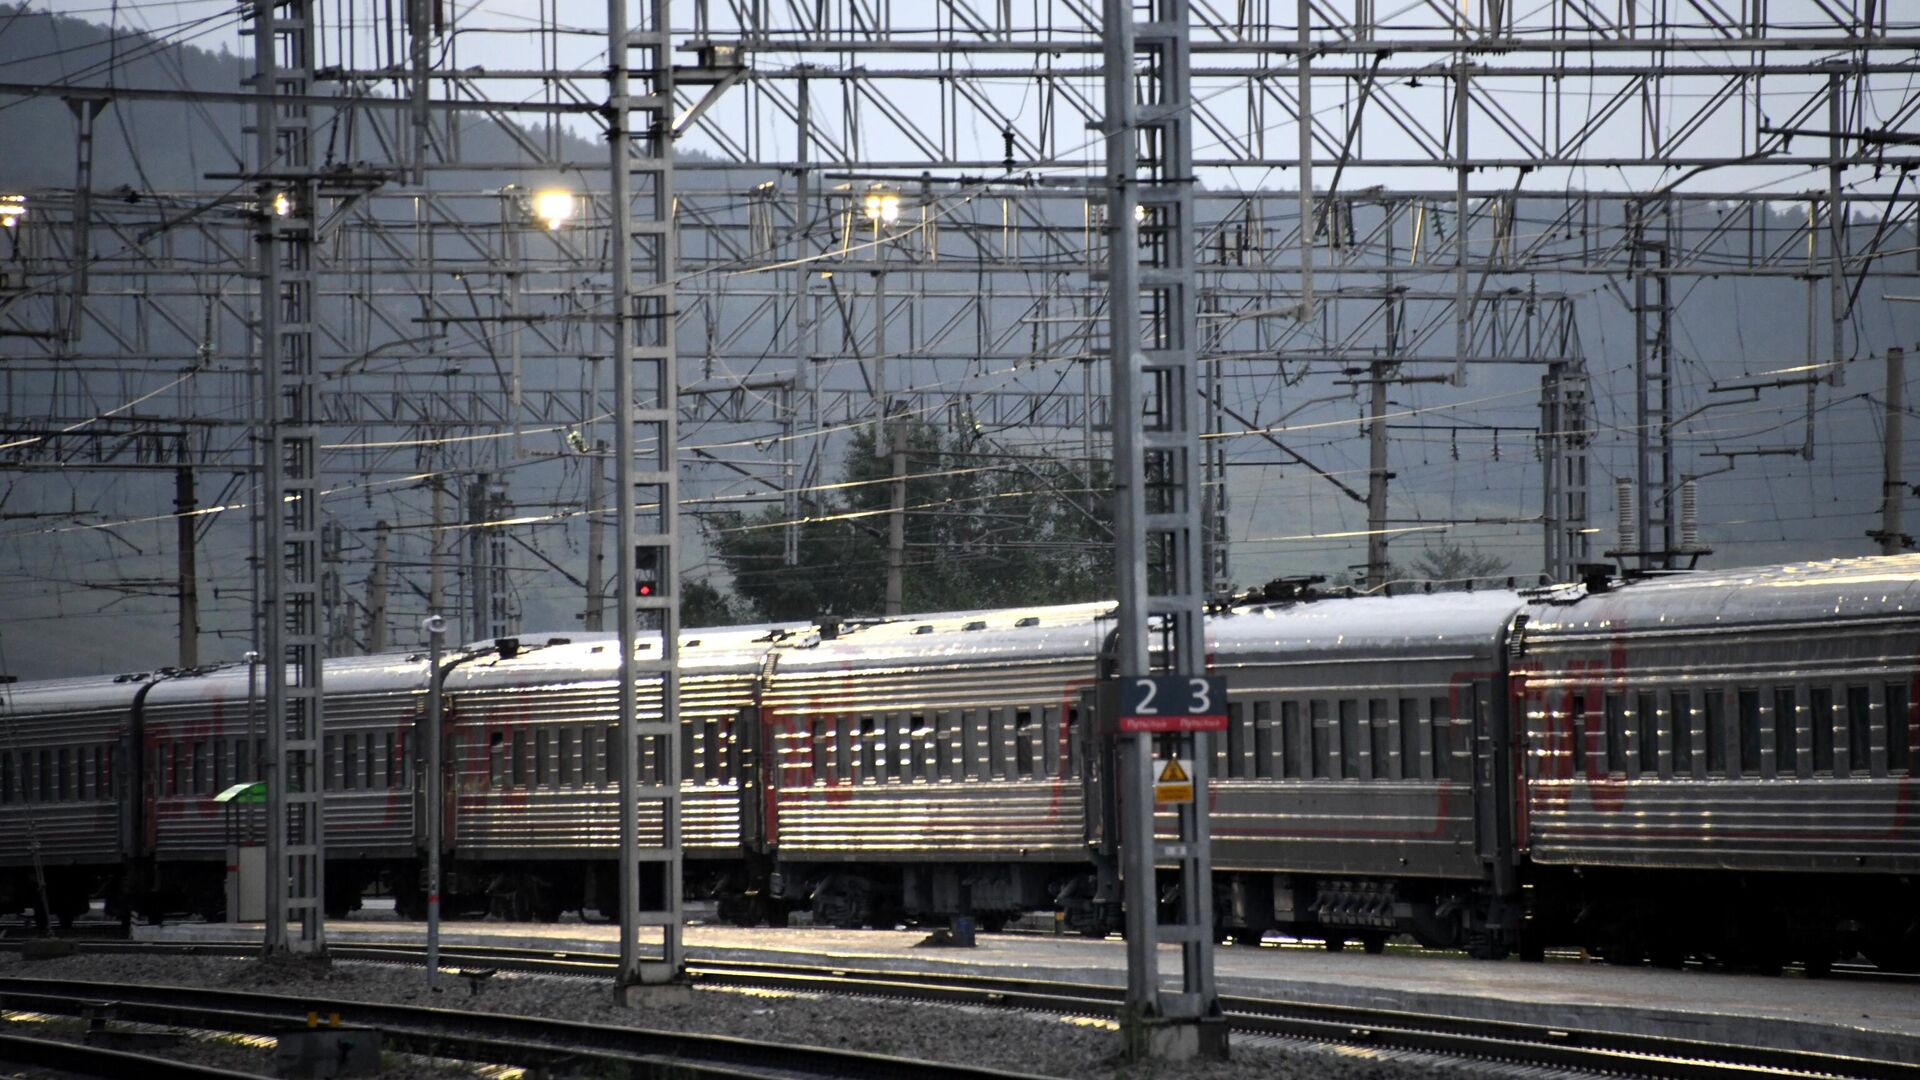 Поезда Чита – Москва, отправившийся с железнодорожного вокзала города Читы - РИА Новости, 1920, 23.11.2020